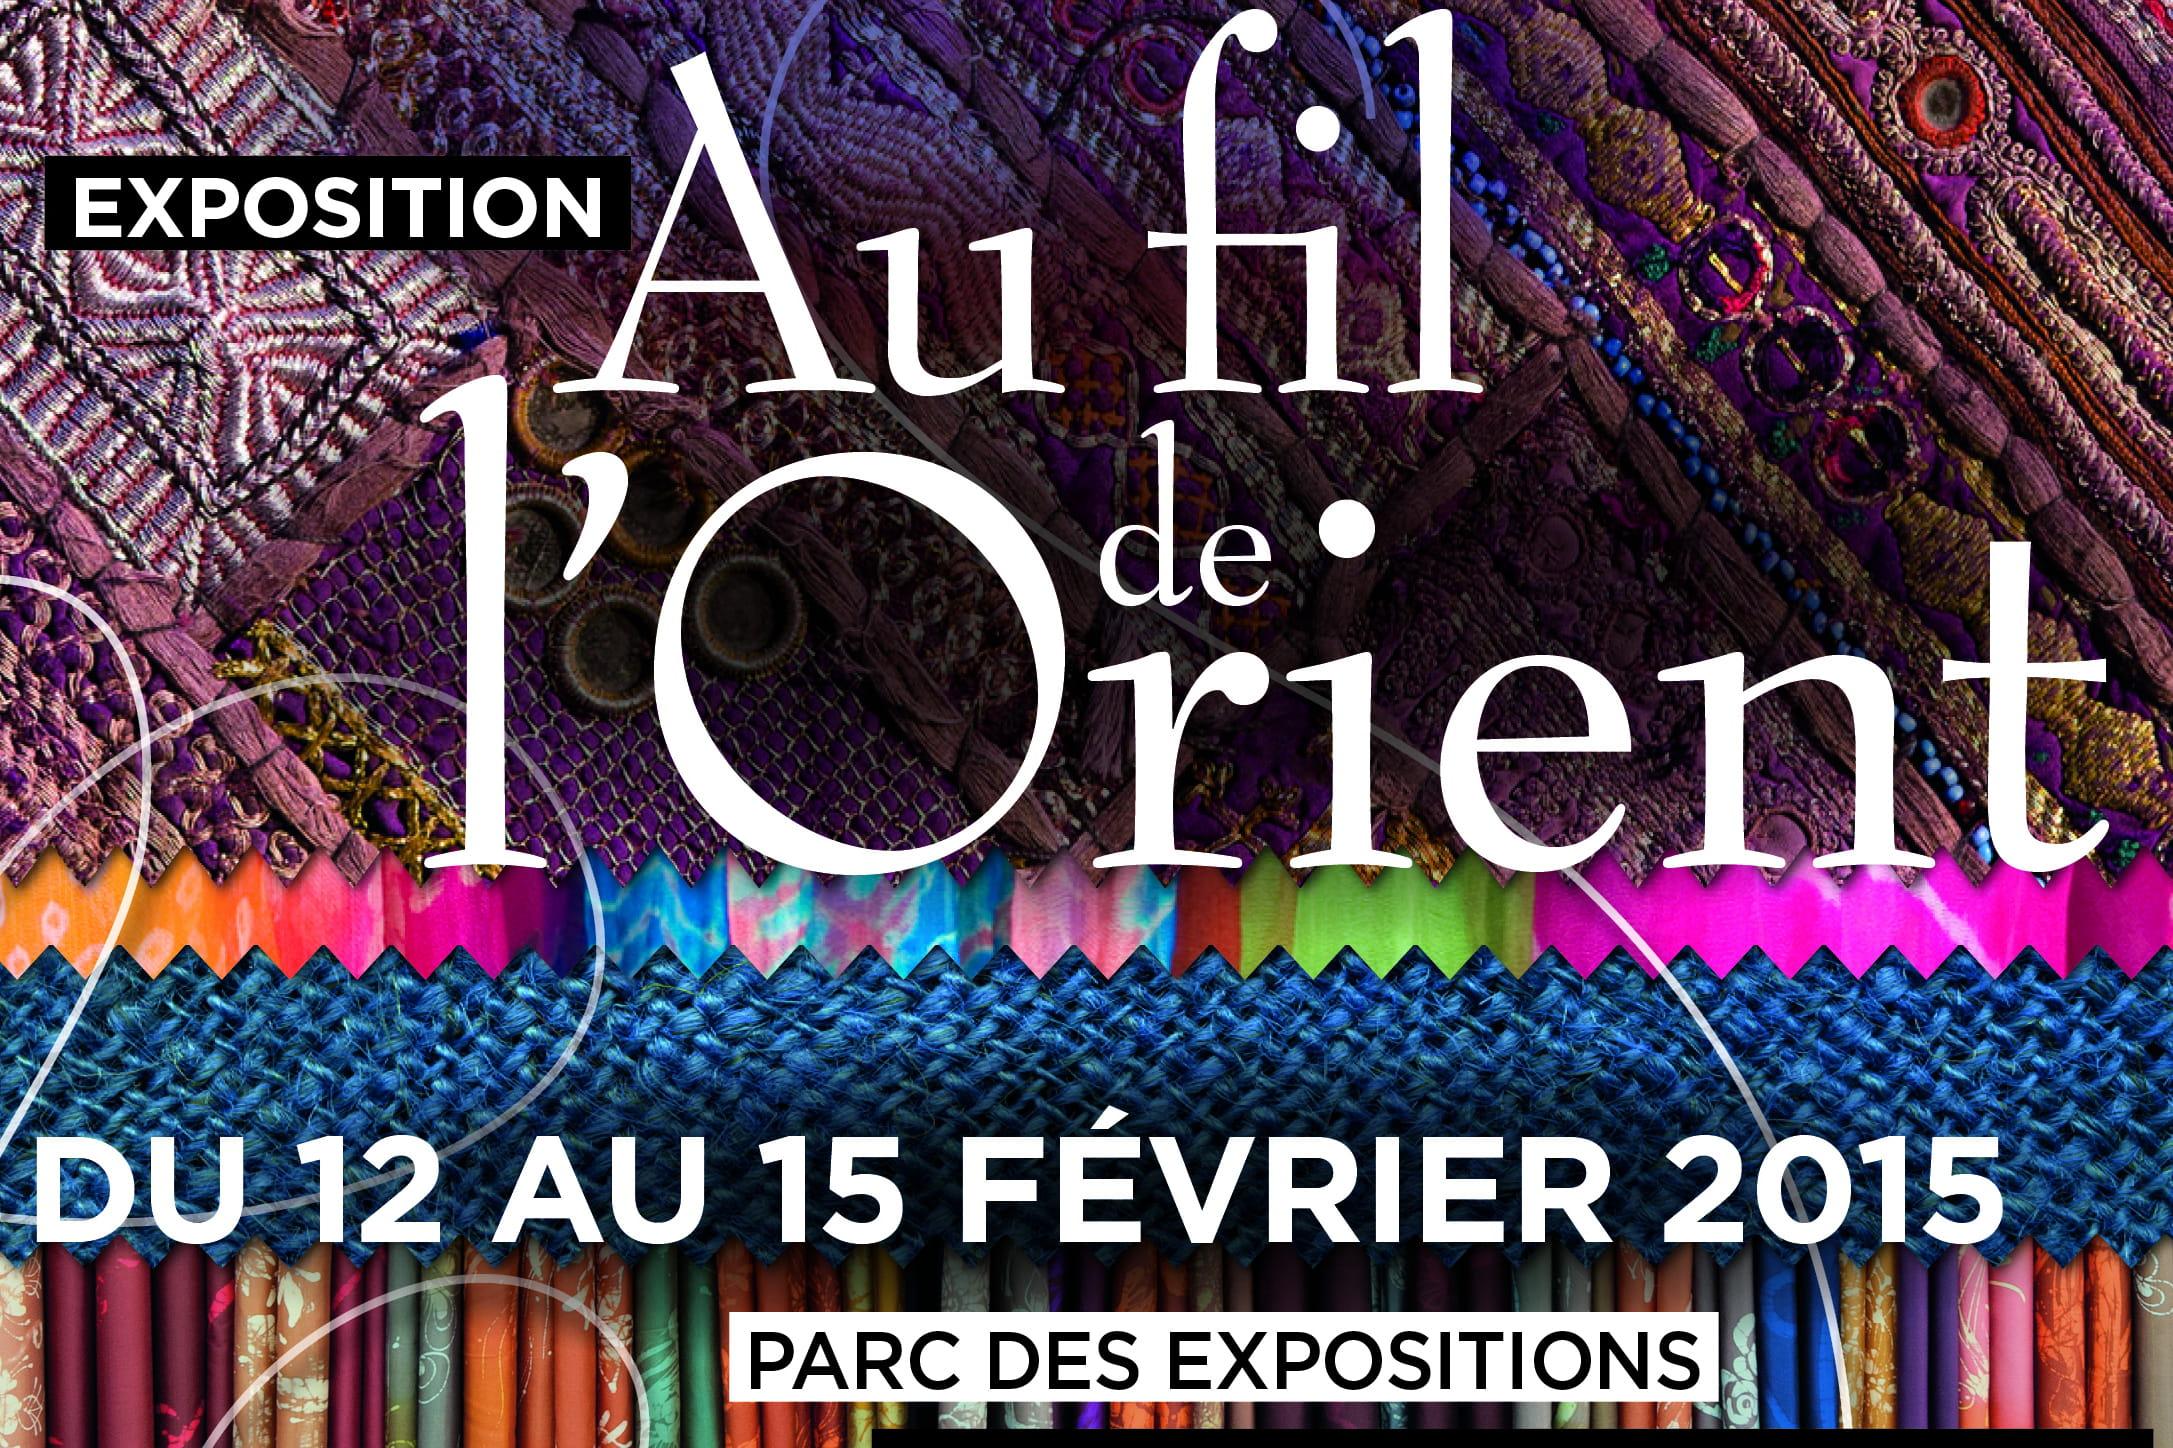 Salon international des arts du fil l 39 aiguille va tre for Salon du fil et de l aiguille